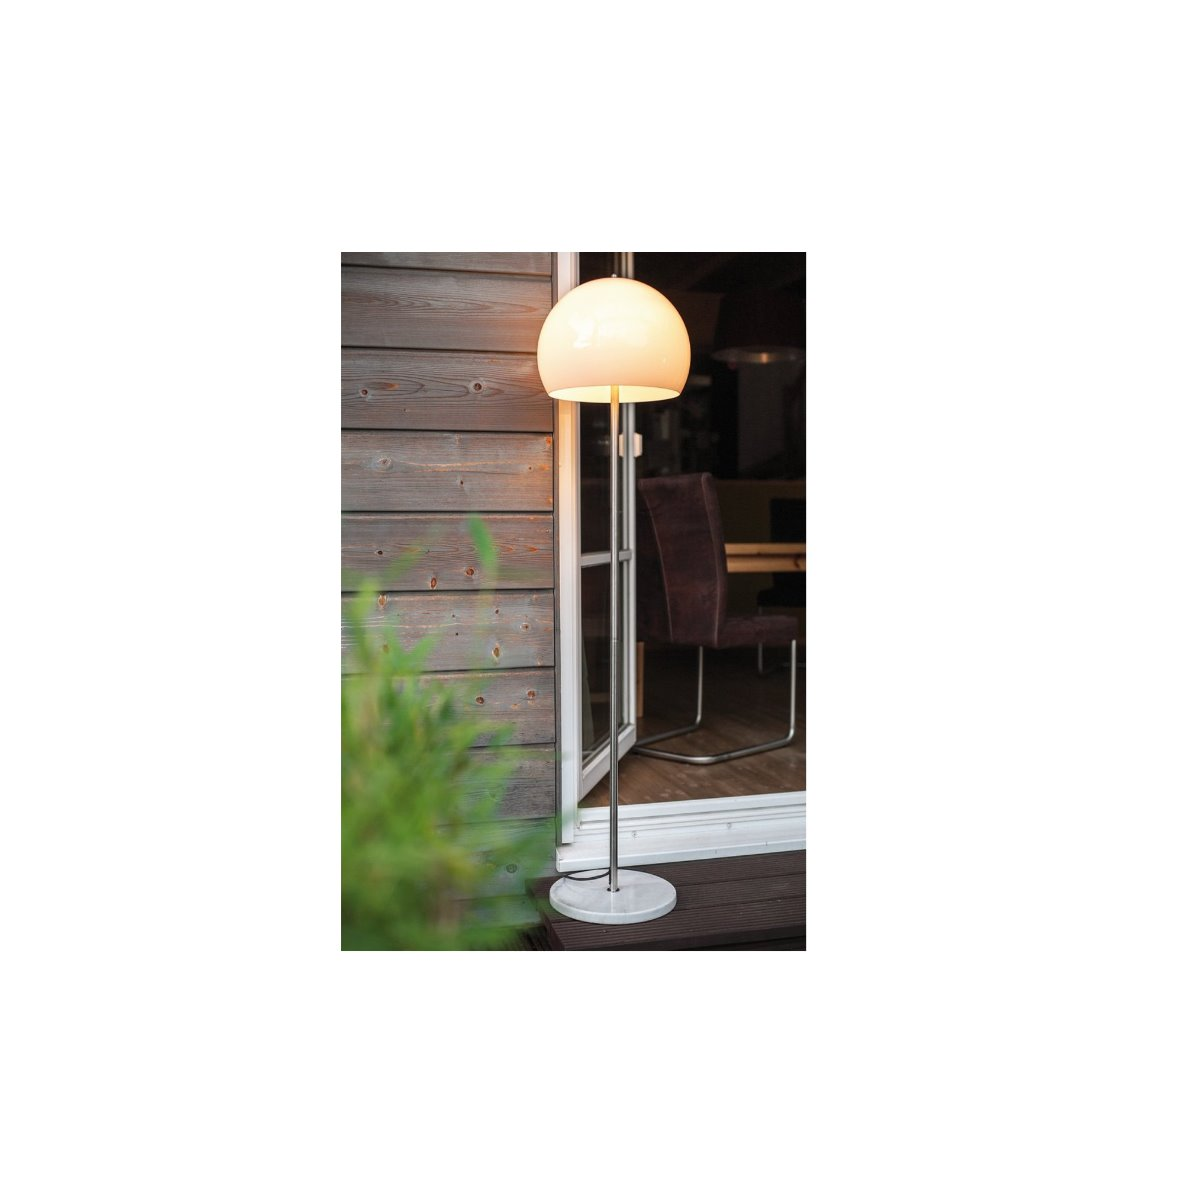 aussenleuchte aussen stehleuchte stehlampe stehleuchte standleuchte marmor au en. Black Bedroom Furniture Sets. Home Design Ideas